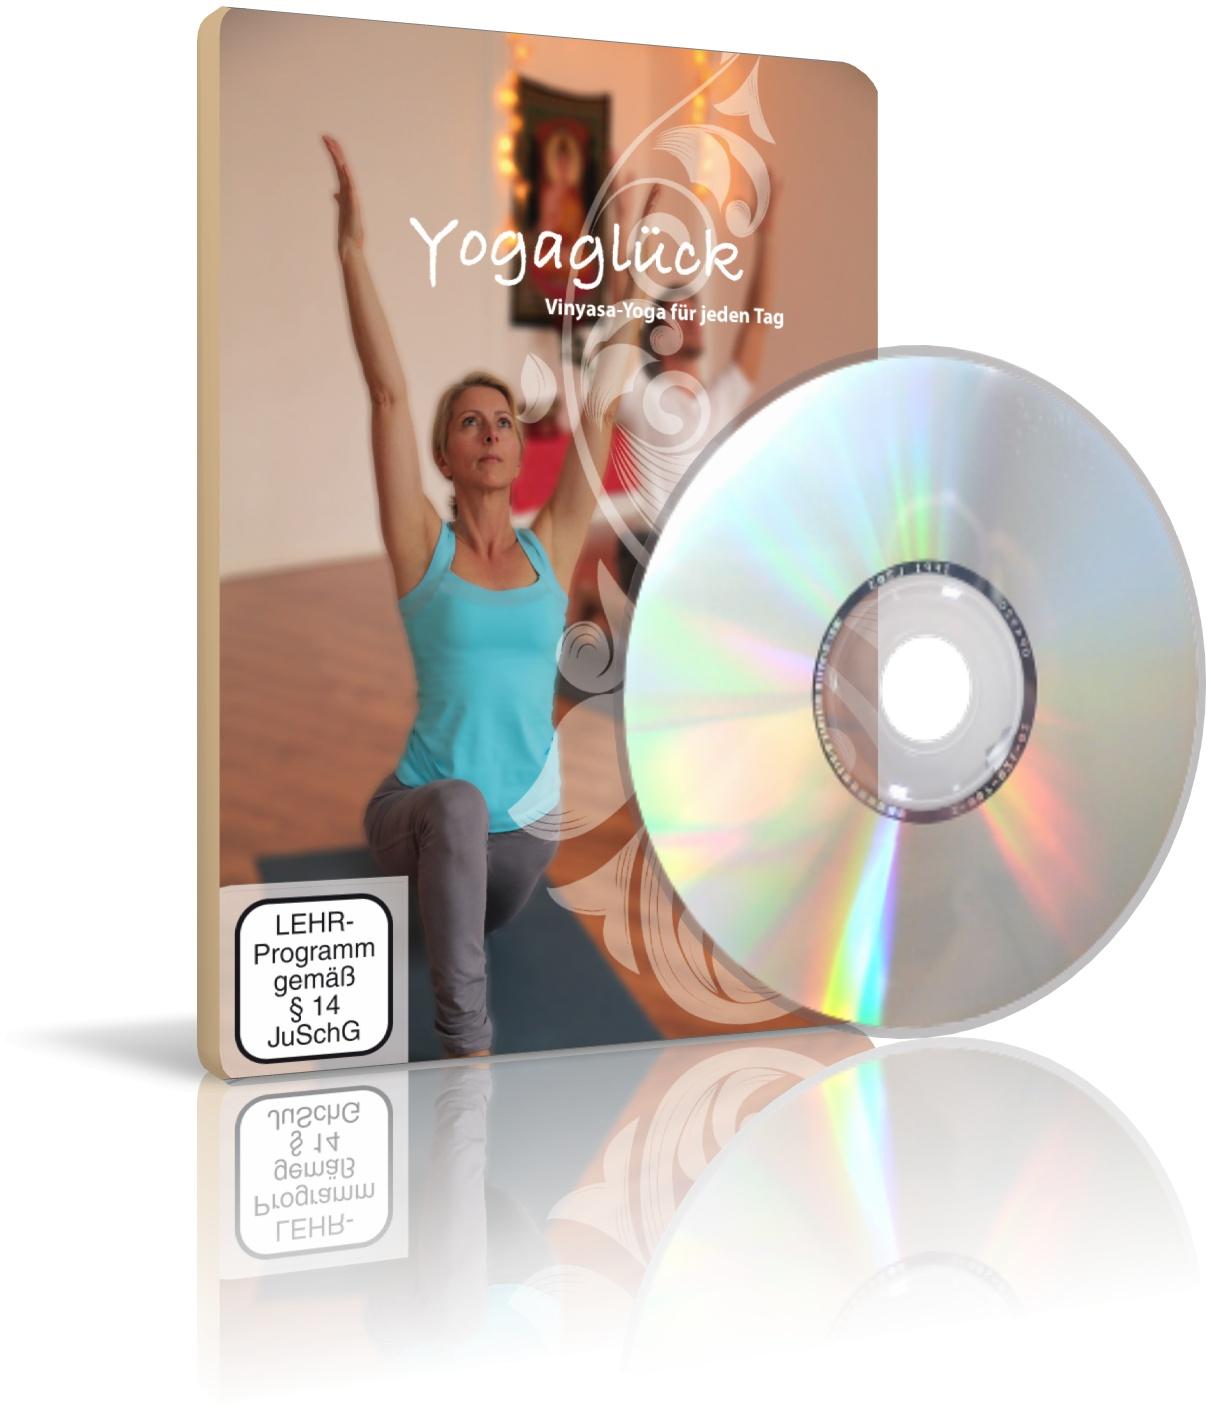 DVD Yogaglück Vol.1, Vinyasa-Yoga für jeden Tag